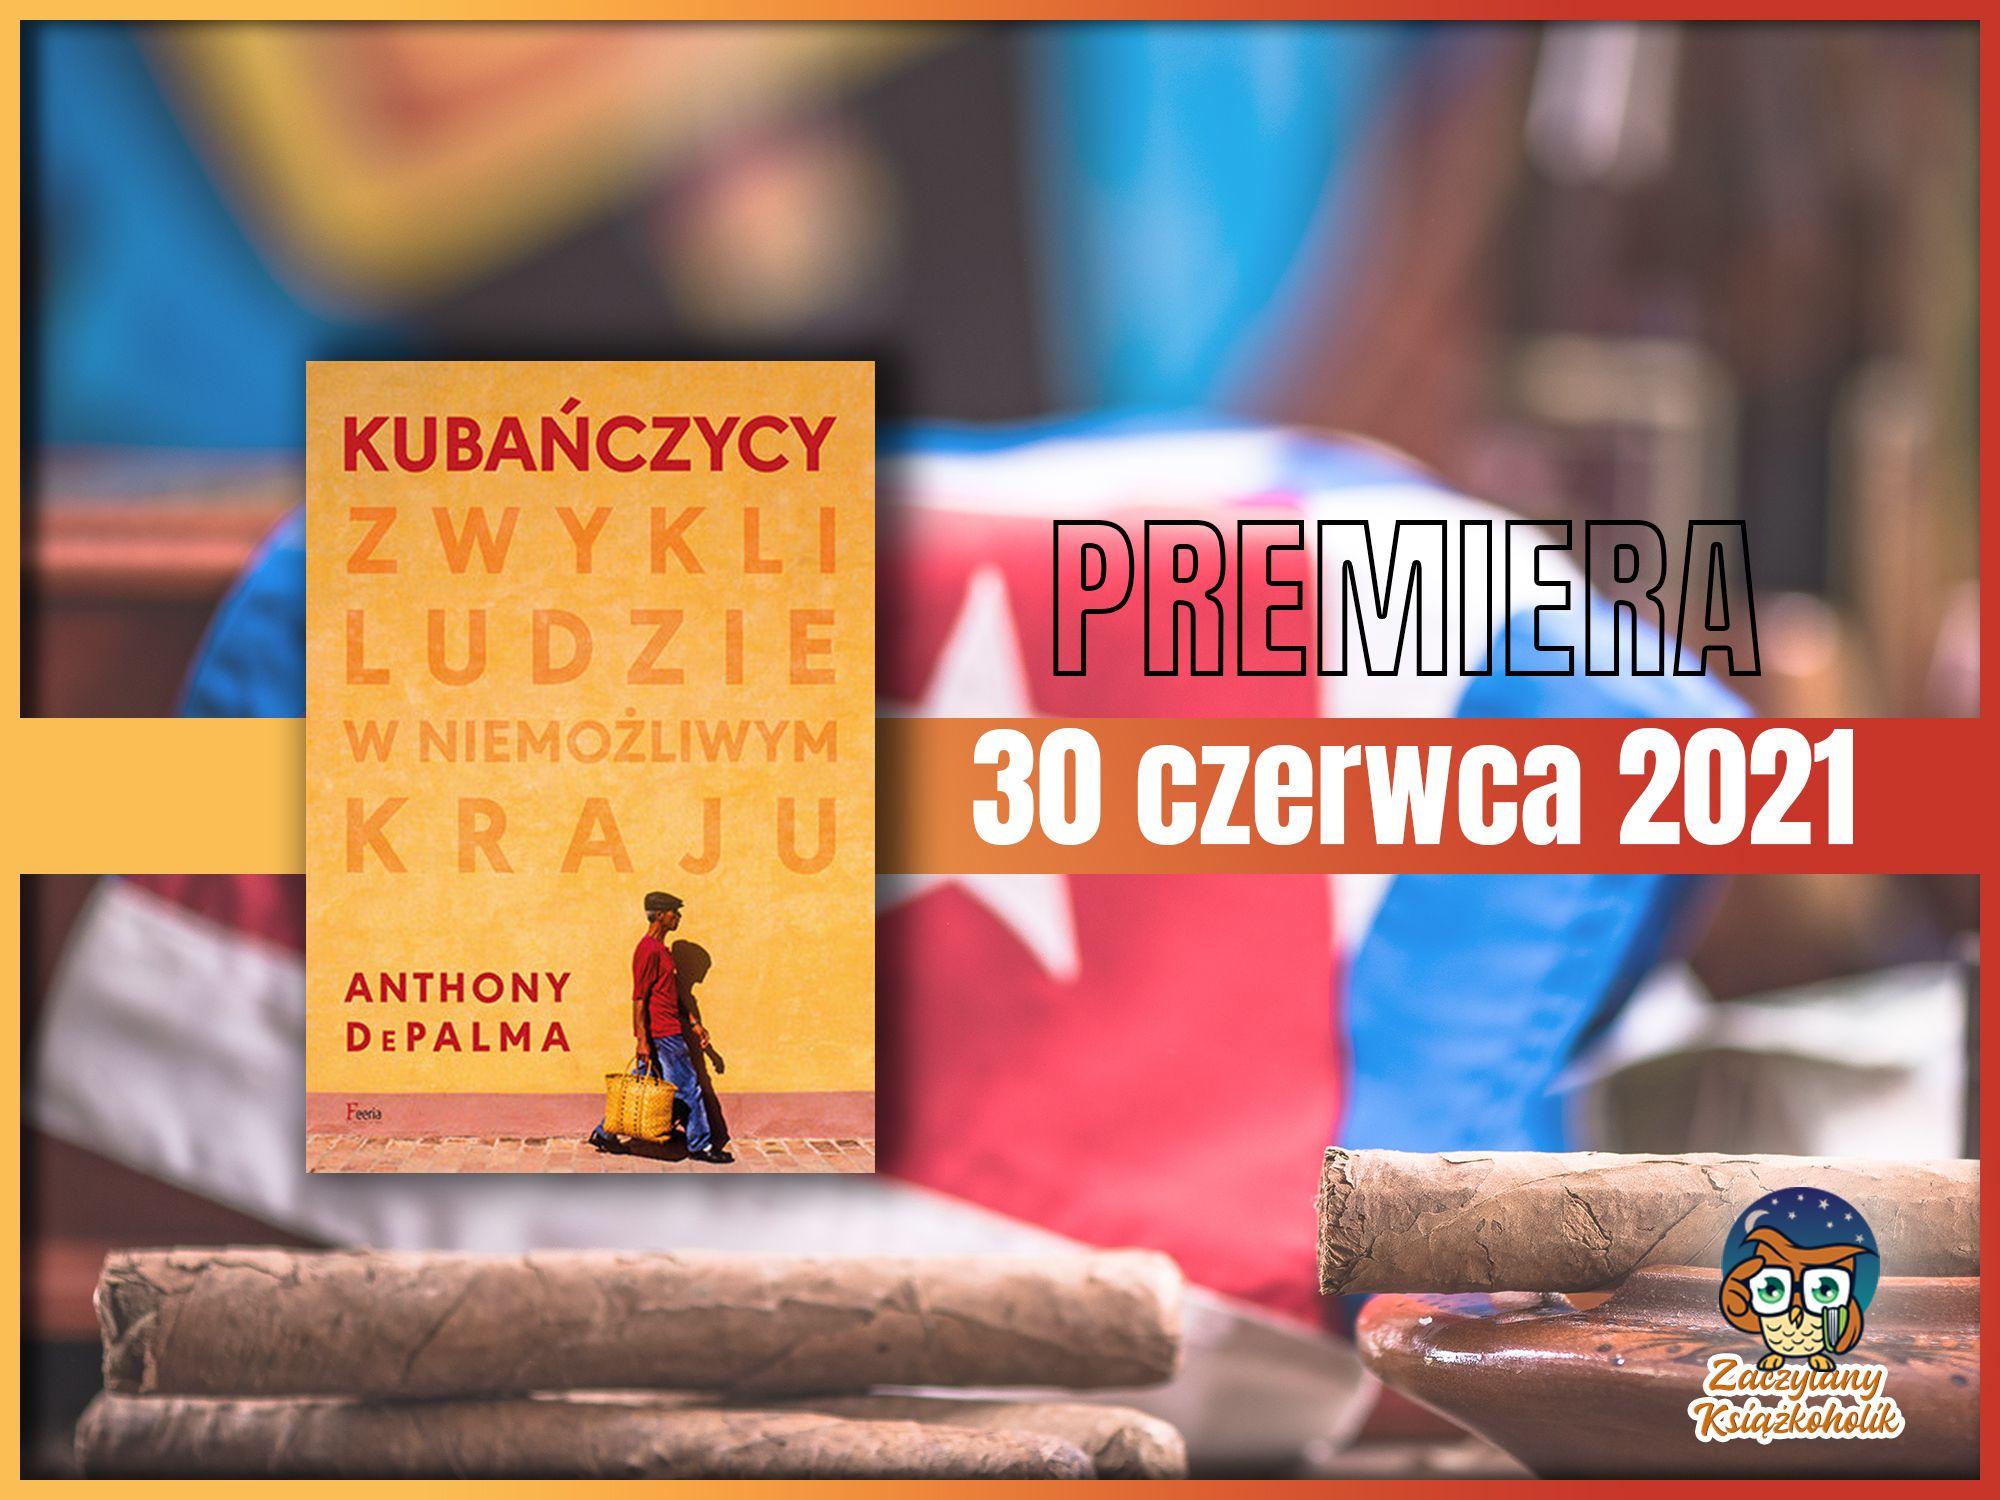 Kubańczycy. Zwykli ludzie w niemożliwym kraju, Anthony DePalma, zaczytanyksiazkoholik.pl